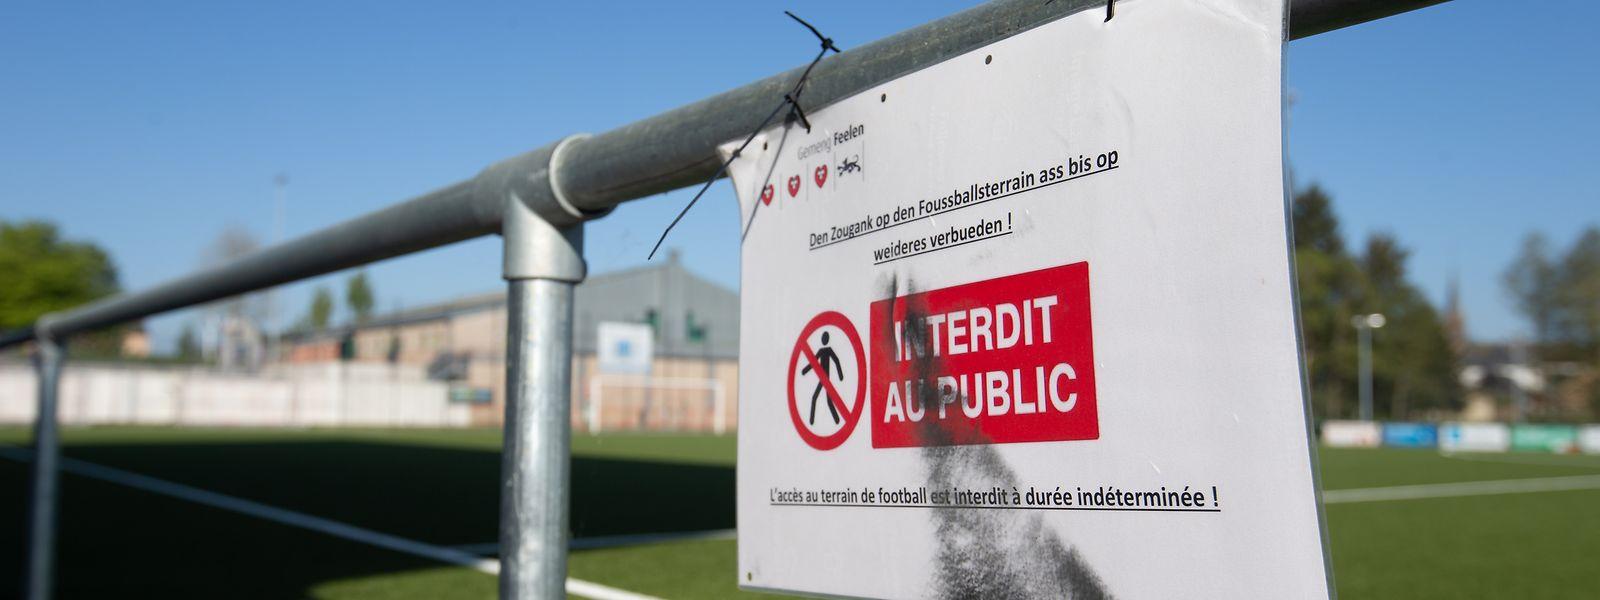 L'accès aux terrains et aux salles sera possible mais dans le respect des règles sanitaires.